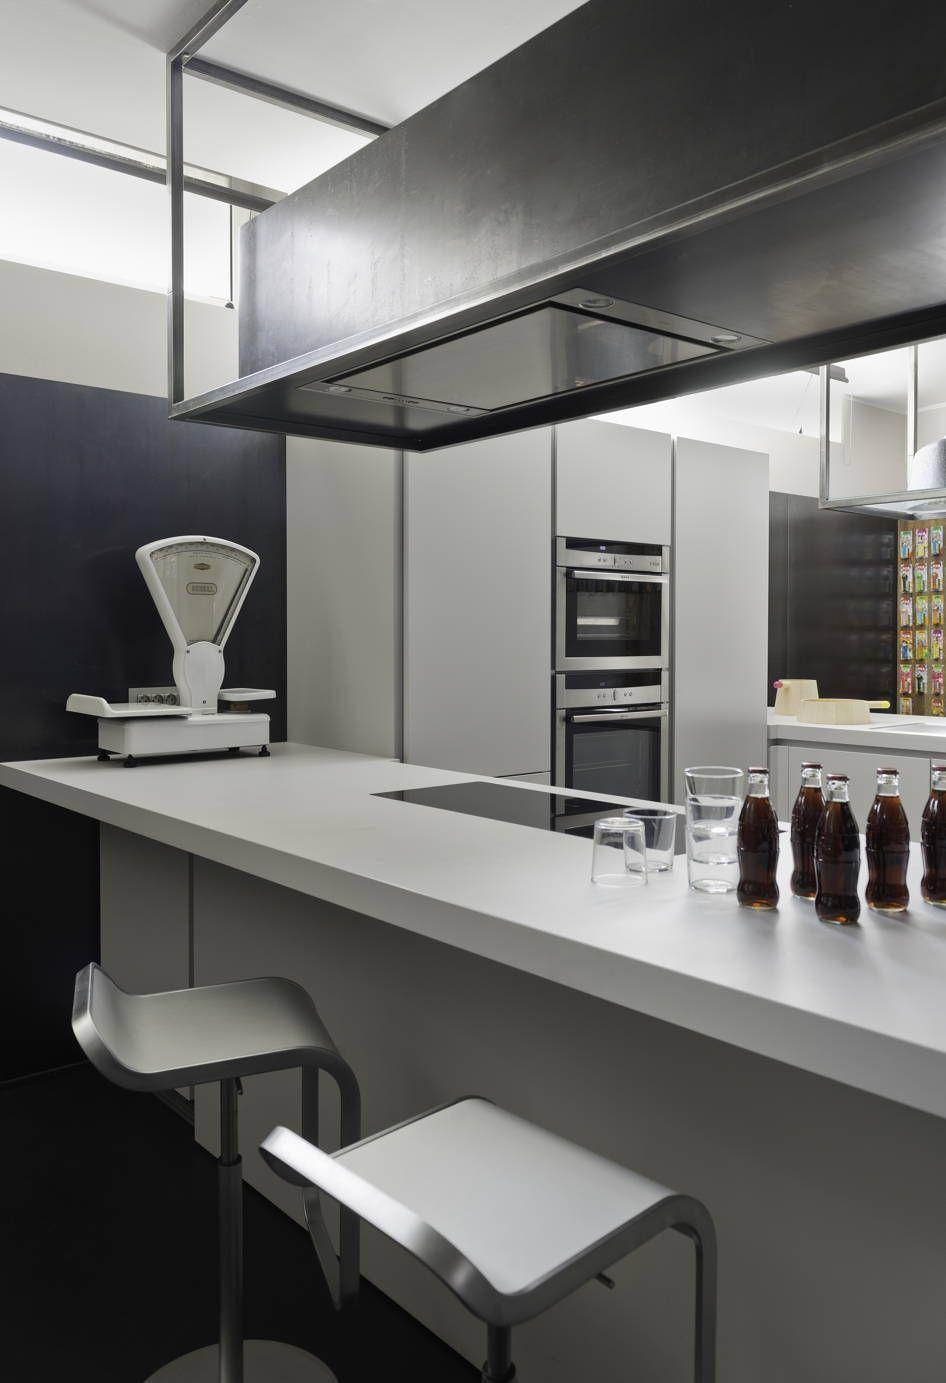 cuisine b1 - bulthaup modèle d'exposition | kitchen | pinterest ... - Modele Exposition Cuisine